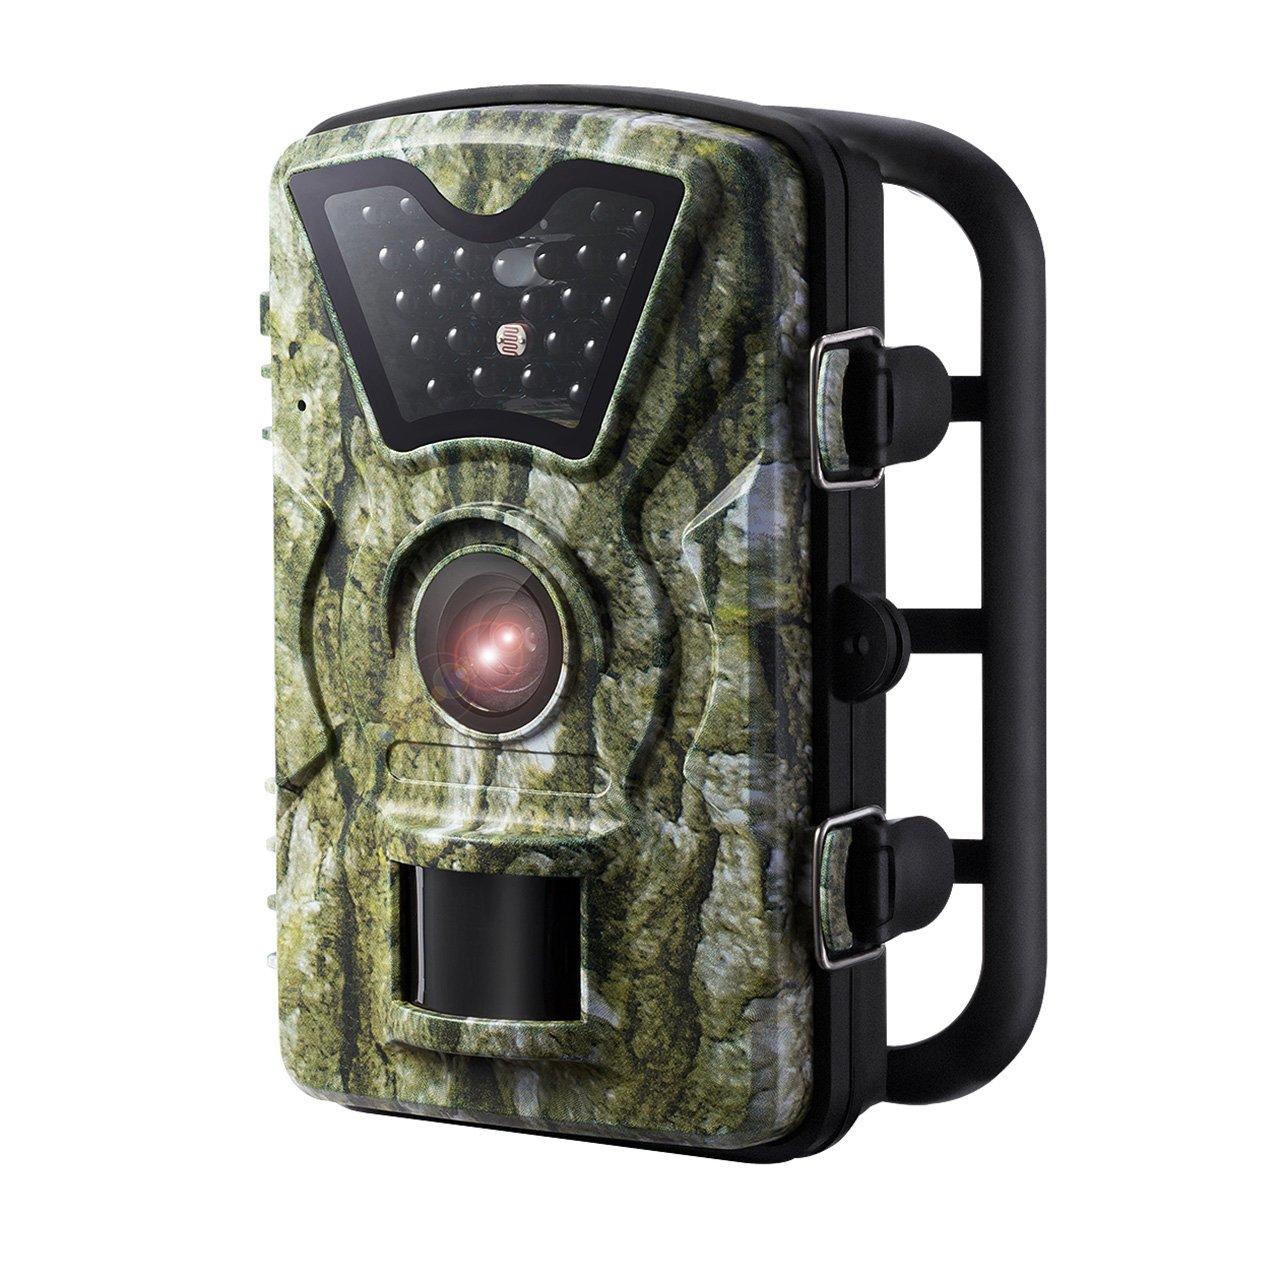 OMORC Wildkamera, 2.4 Zoll LCD Bildschirm, 8MP 720P HD Spiel und Jagd Wildlife Kamera, IP66 Wasserdichte Jagdkamera ideal für Wildlife Monitoring, Überwachung, Haus Sicherheit usw Überwachung WTGEOD116AB-0531